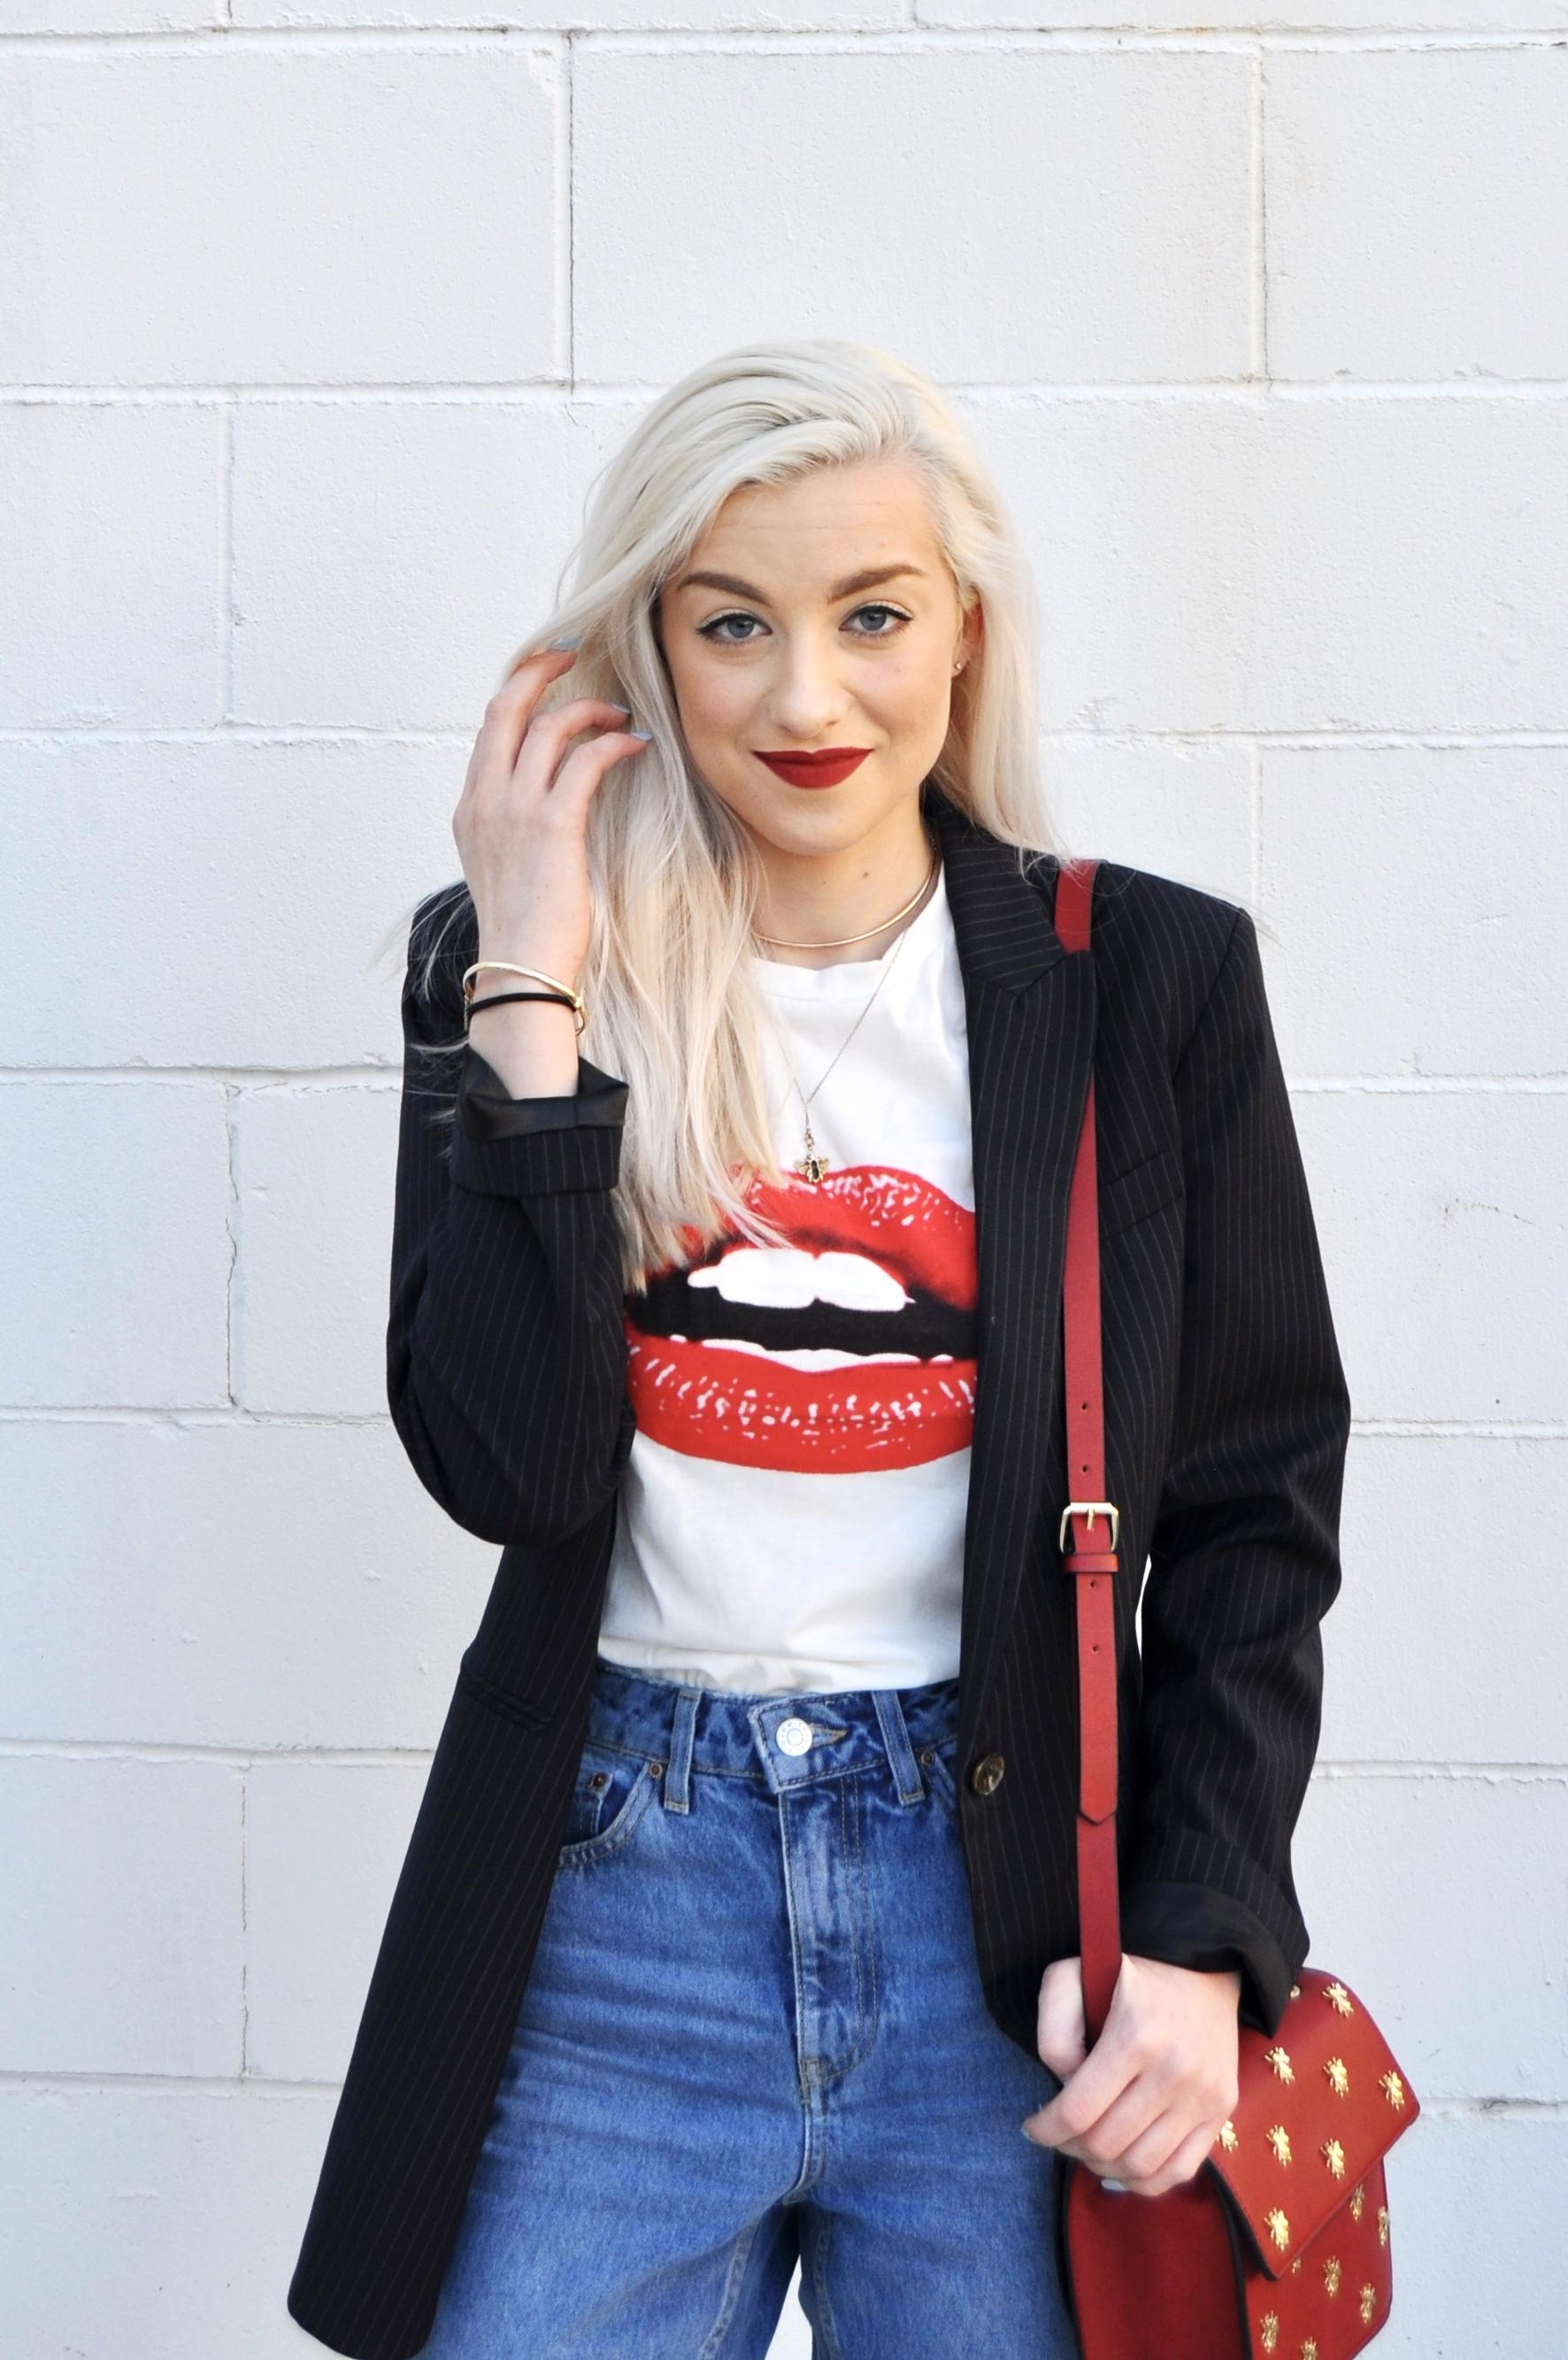 Top: Romwe, Blazer: Baukjen, Jeans: Topshop, Bag: Zara, Shoes: Style Encore (Old Navy)